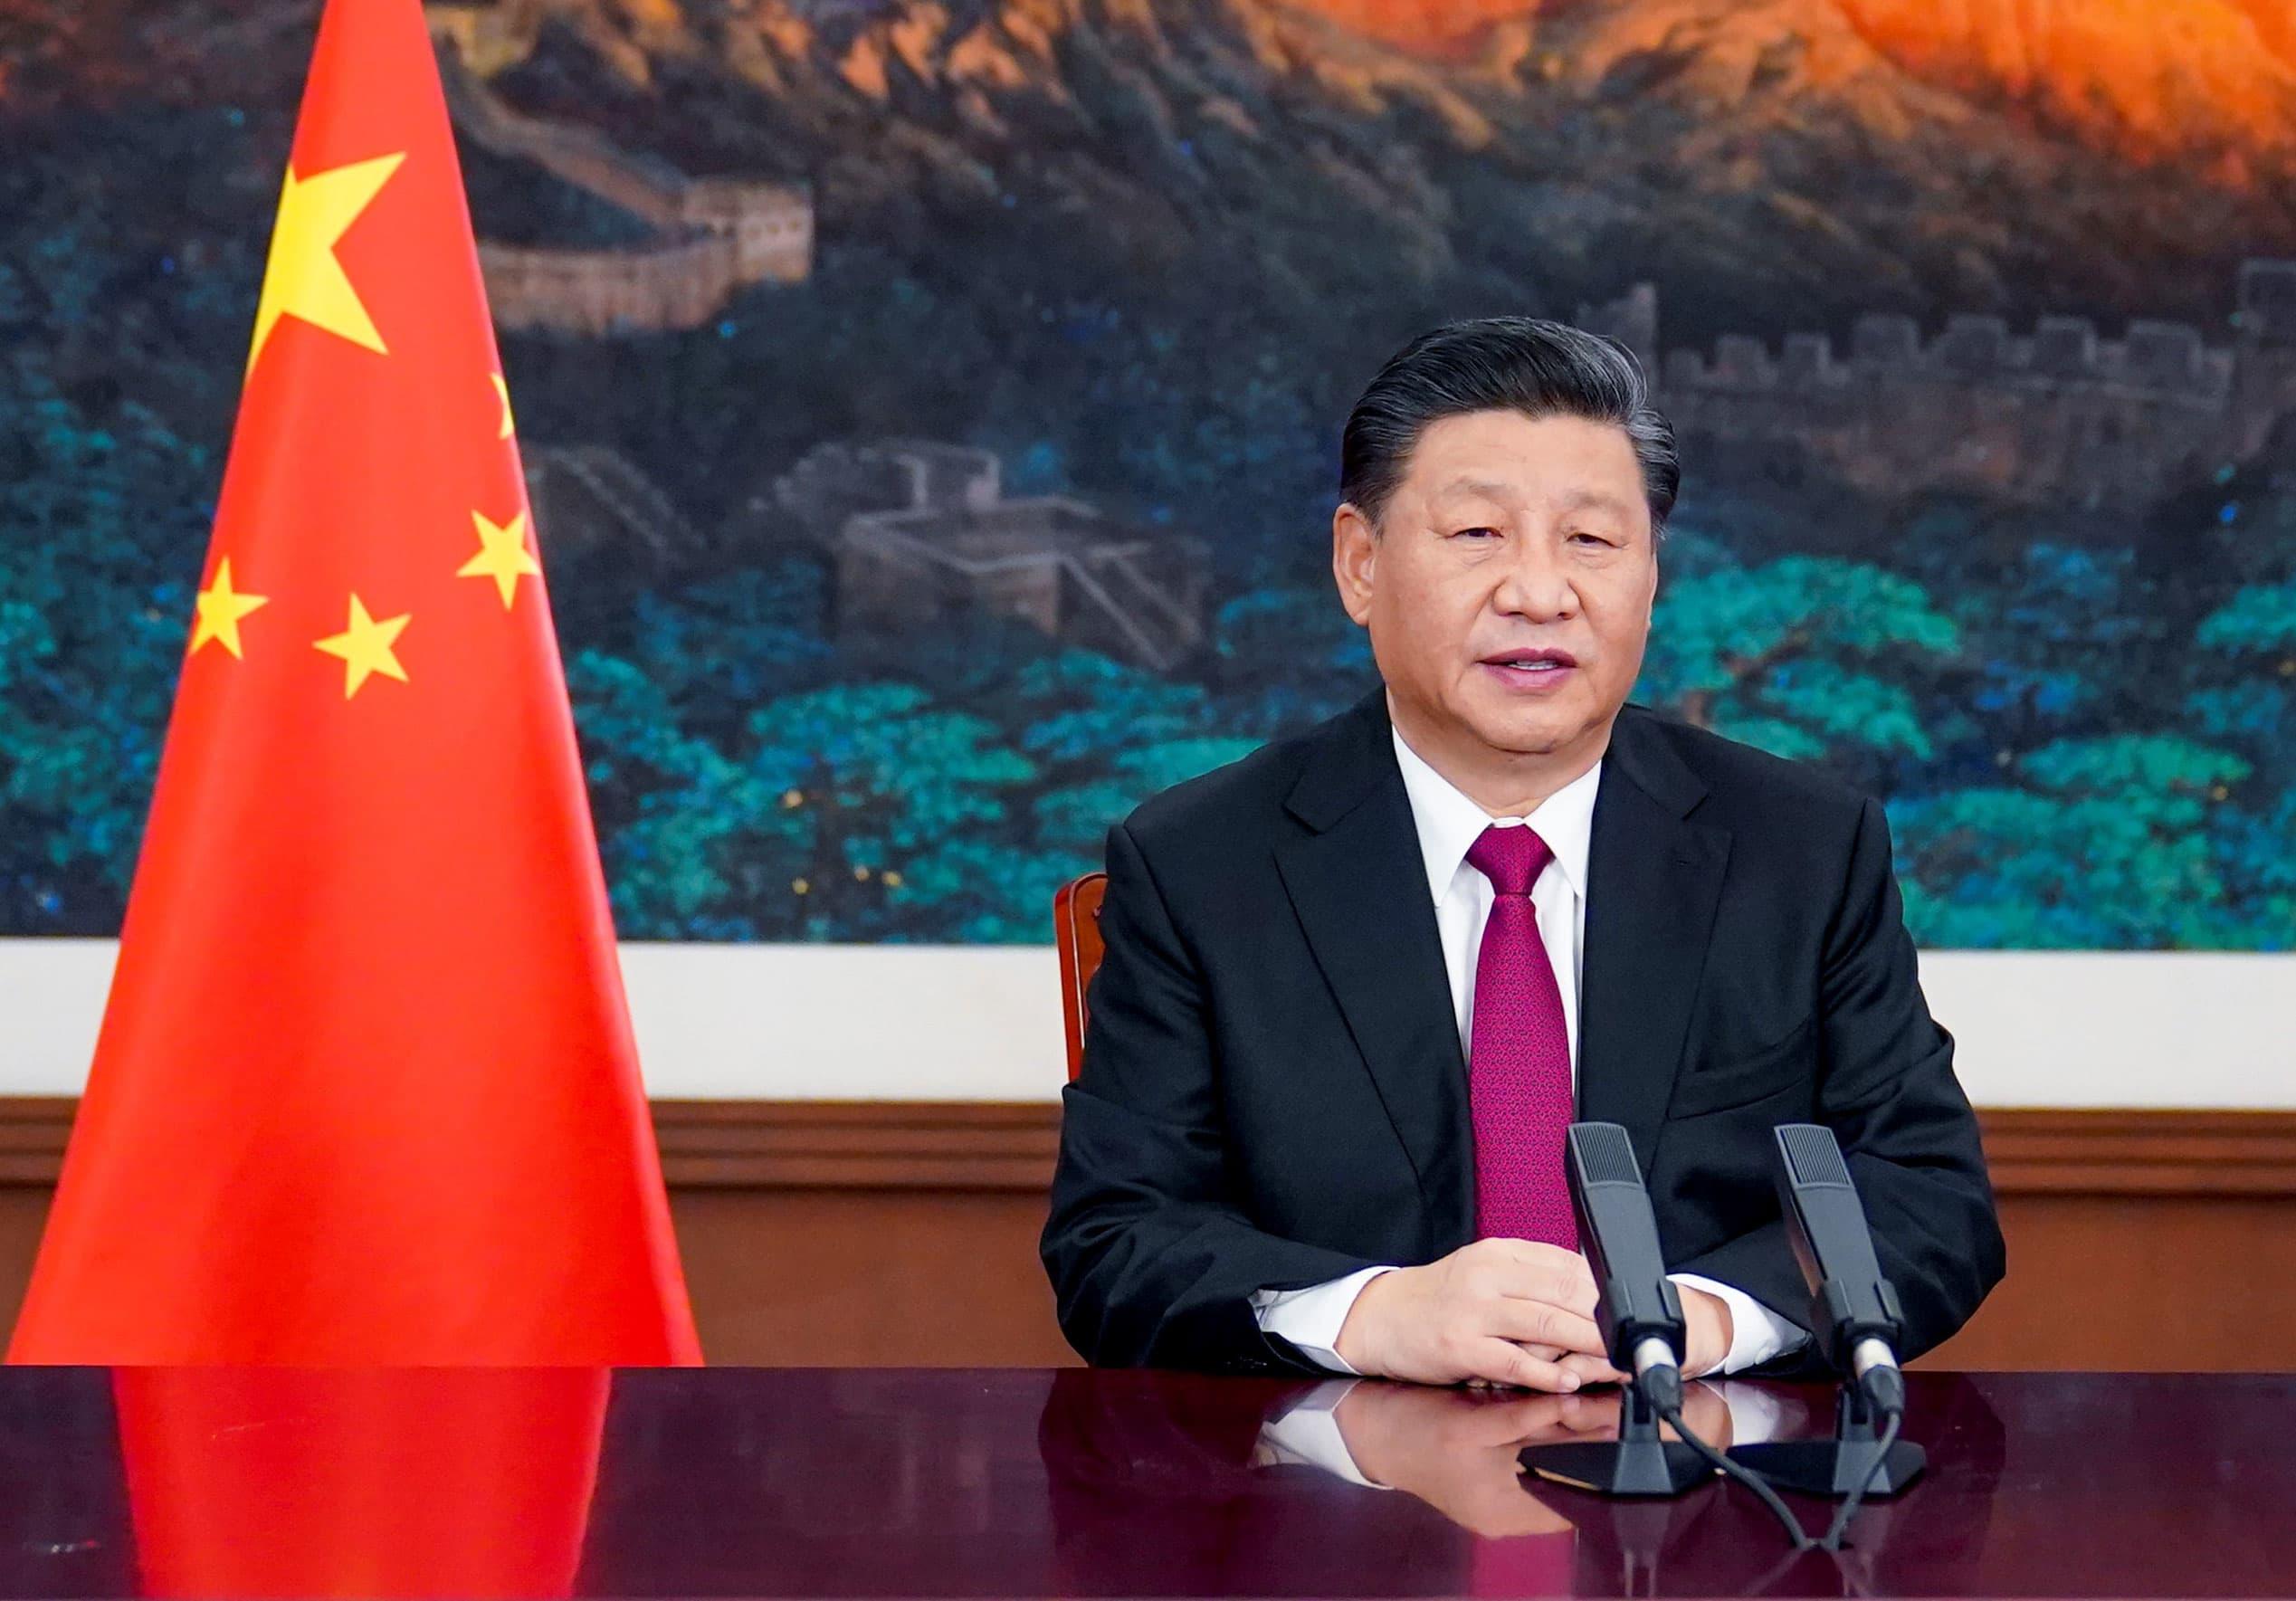 Xi dice que China 'nunca buscará la hegemonía', sin importar cuán fuerte se vuelva